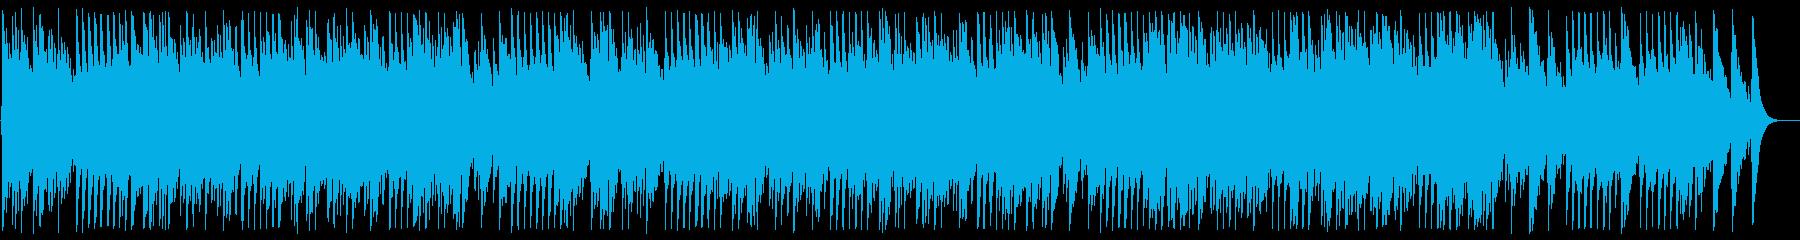 牧人ひつじを オルゴールの再生済みの波形